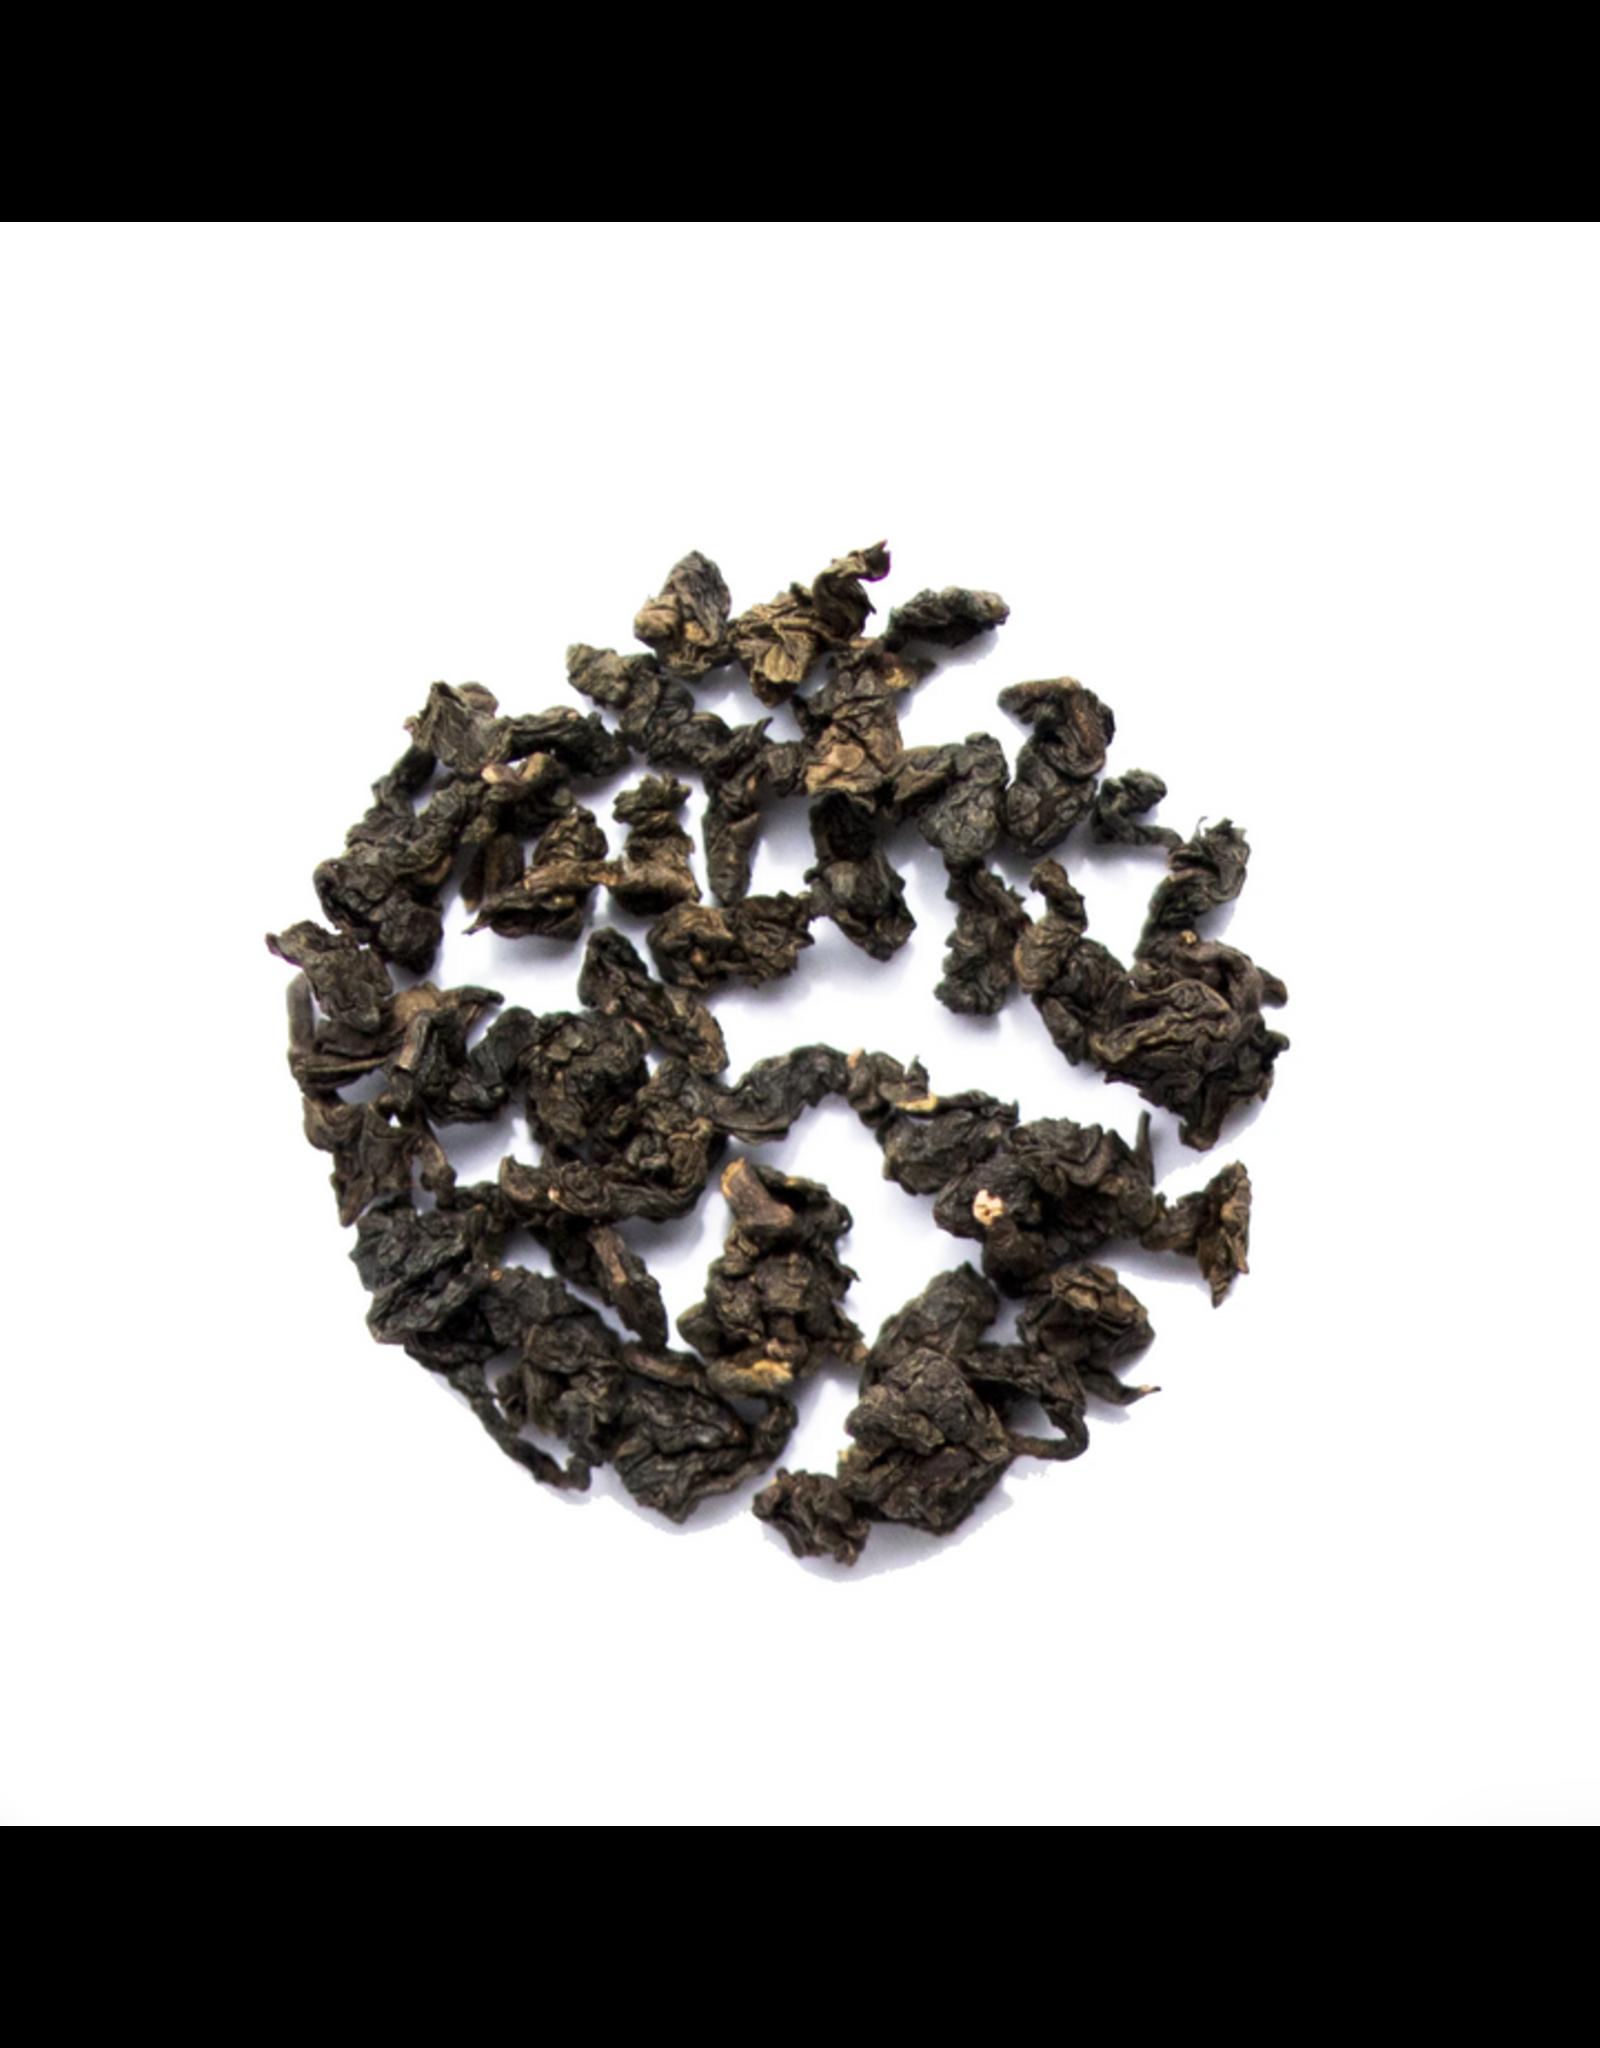 Genuine Tea Genuine Tea, Organic Roasted Iron Goddess 50g Loose